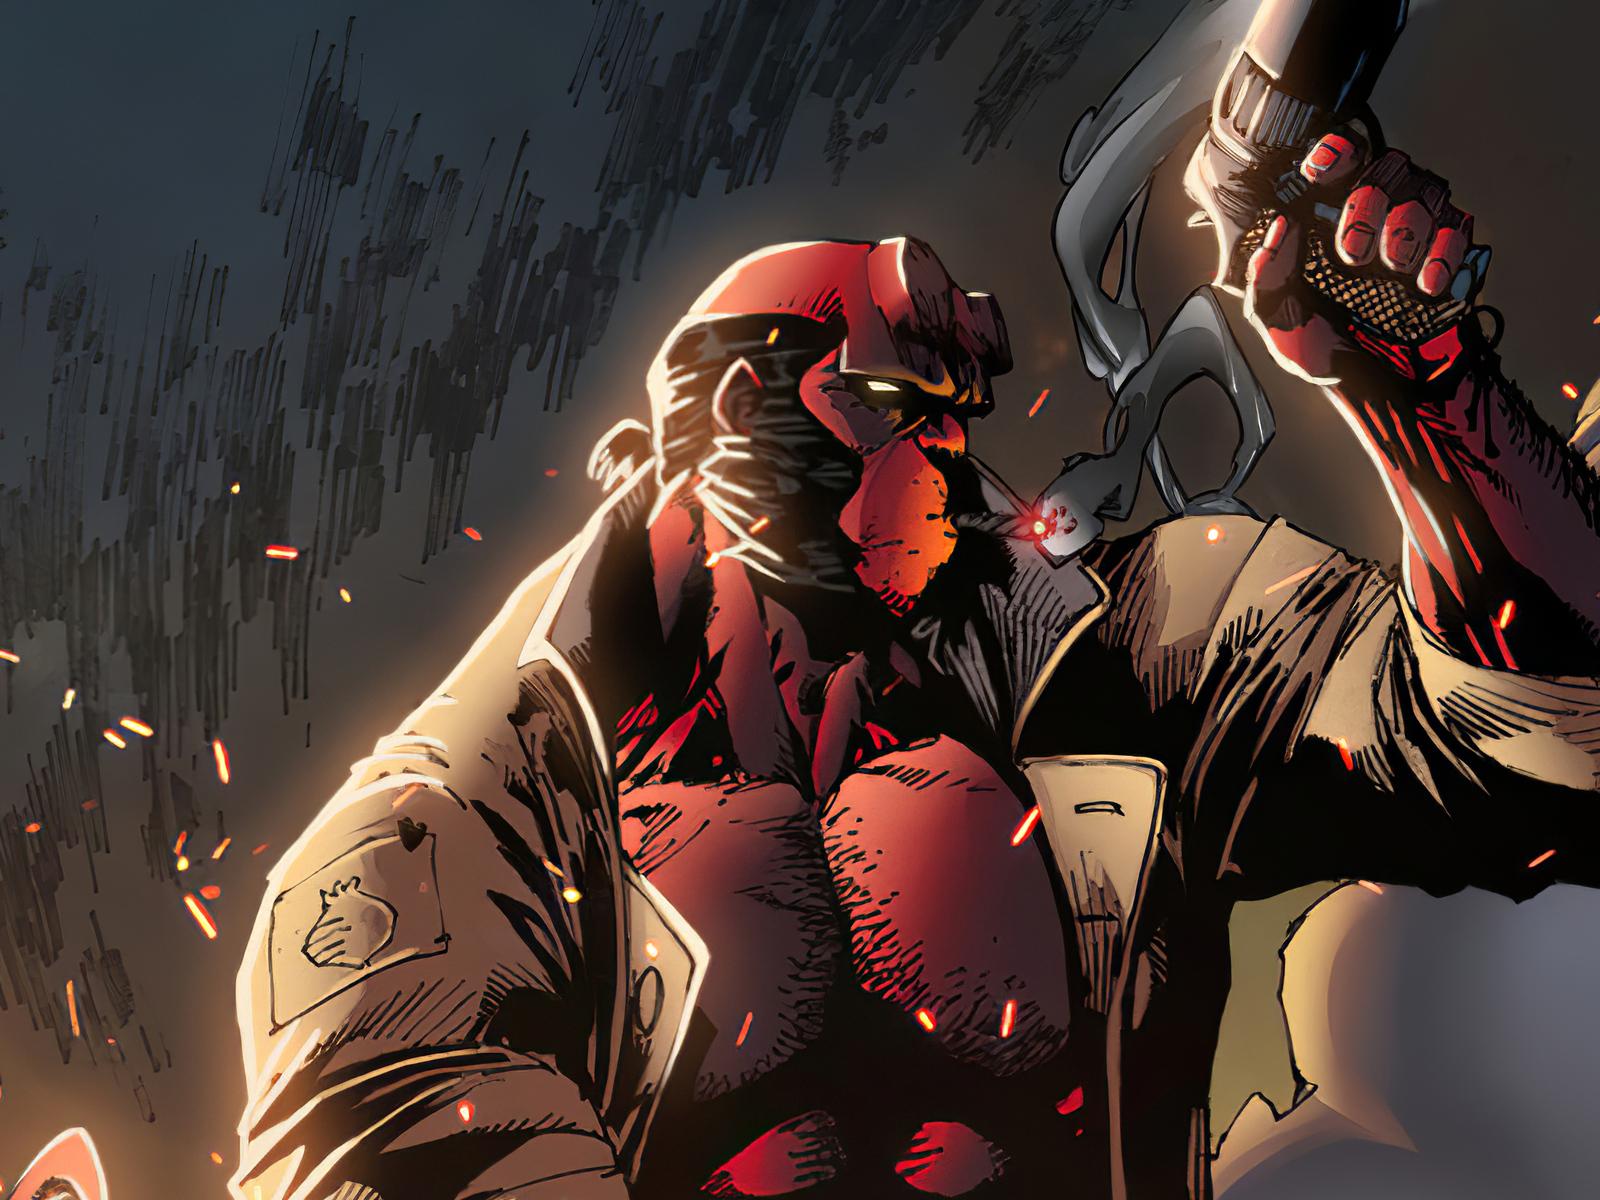 hellboy-gun-mo.jpg